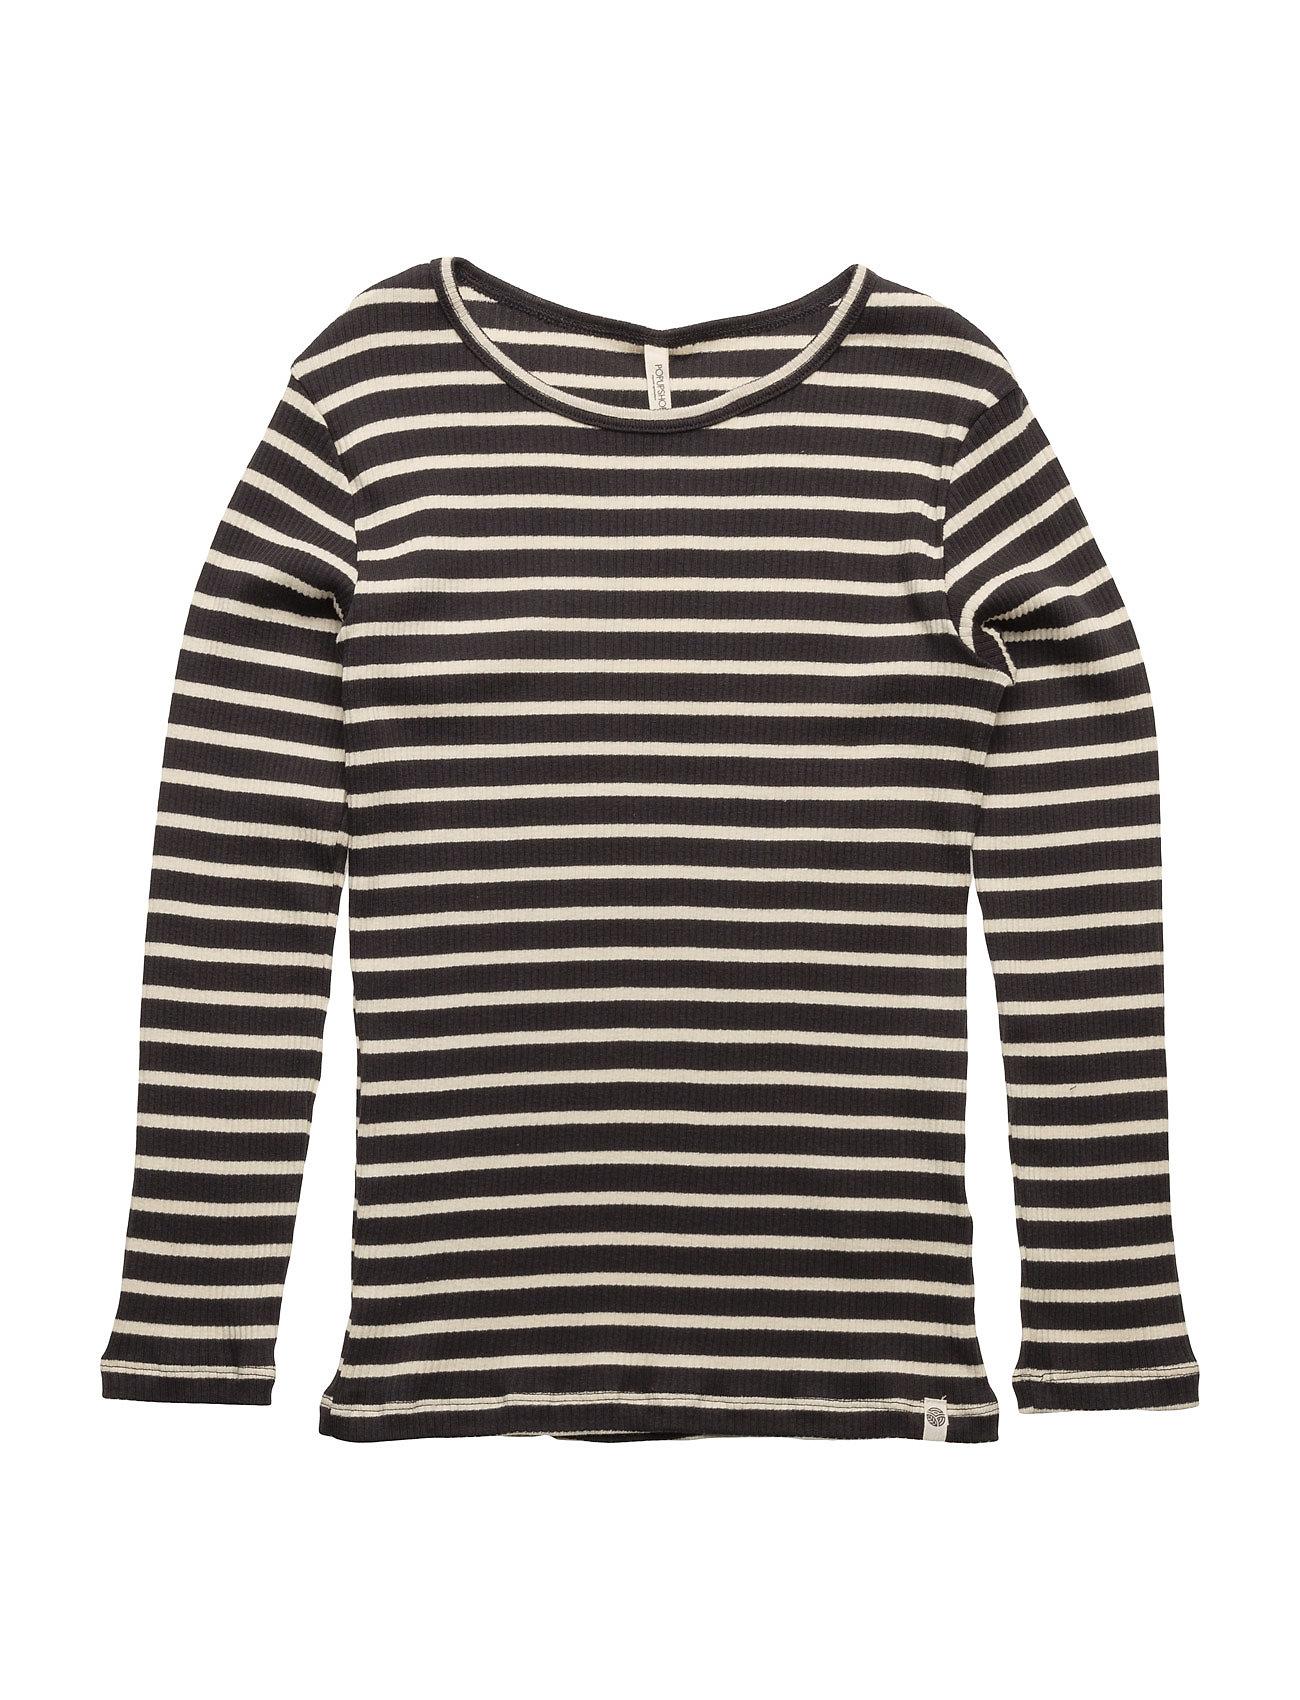 Supreme Rib Ls Blouse Navy/Off White Stripes Popupshop Langærmede t-shirts til Børn i